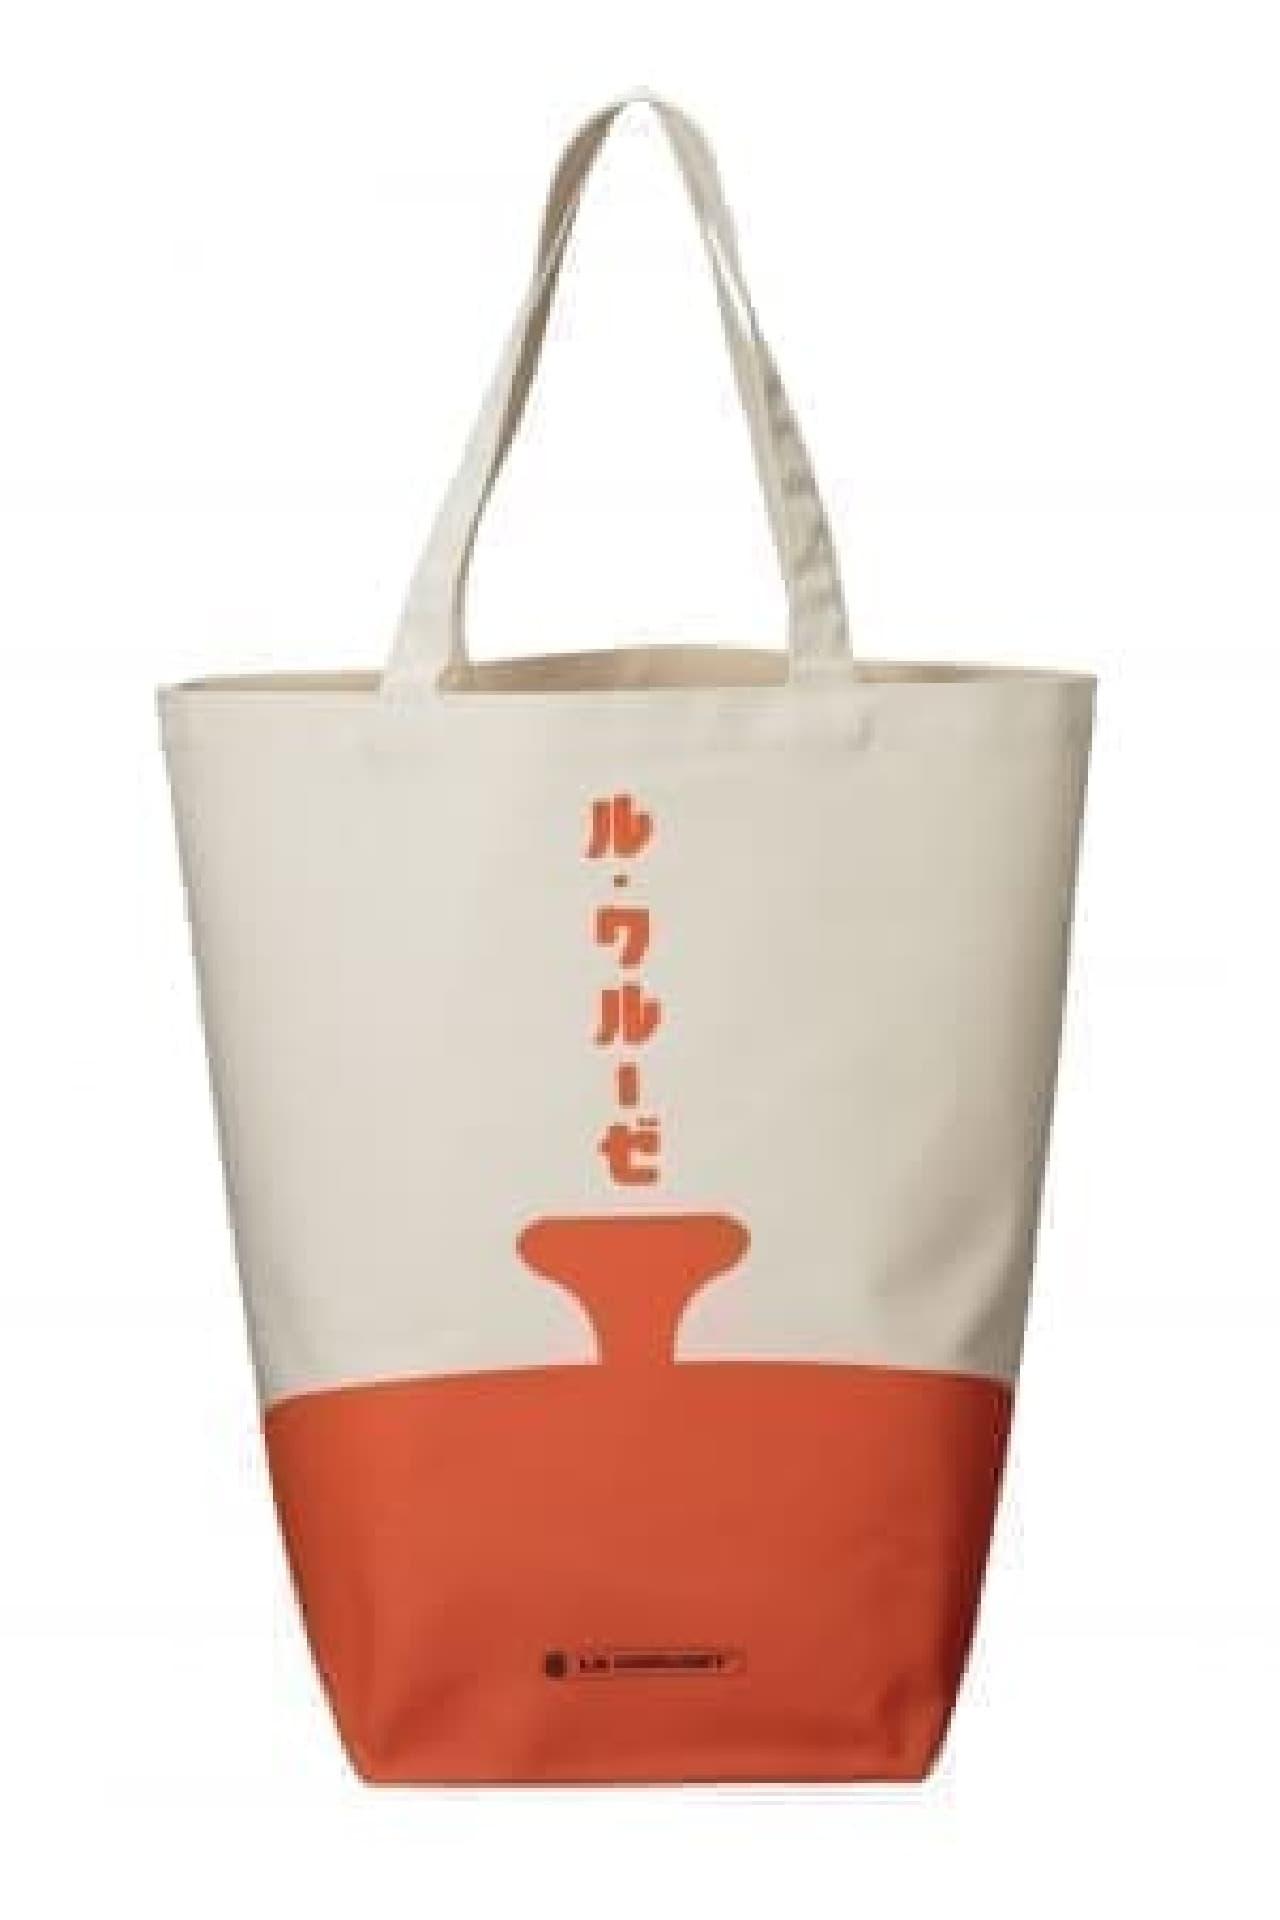 ル・クルーゼからオリジナルエコバッグ -- 買い物が多い日に便利な丈夫さ&収納力